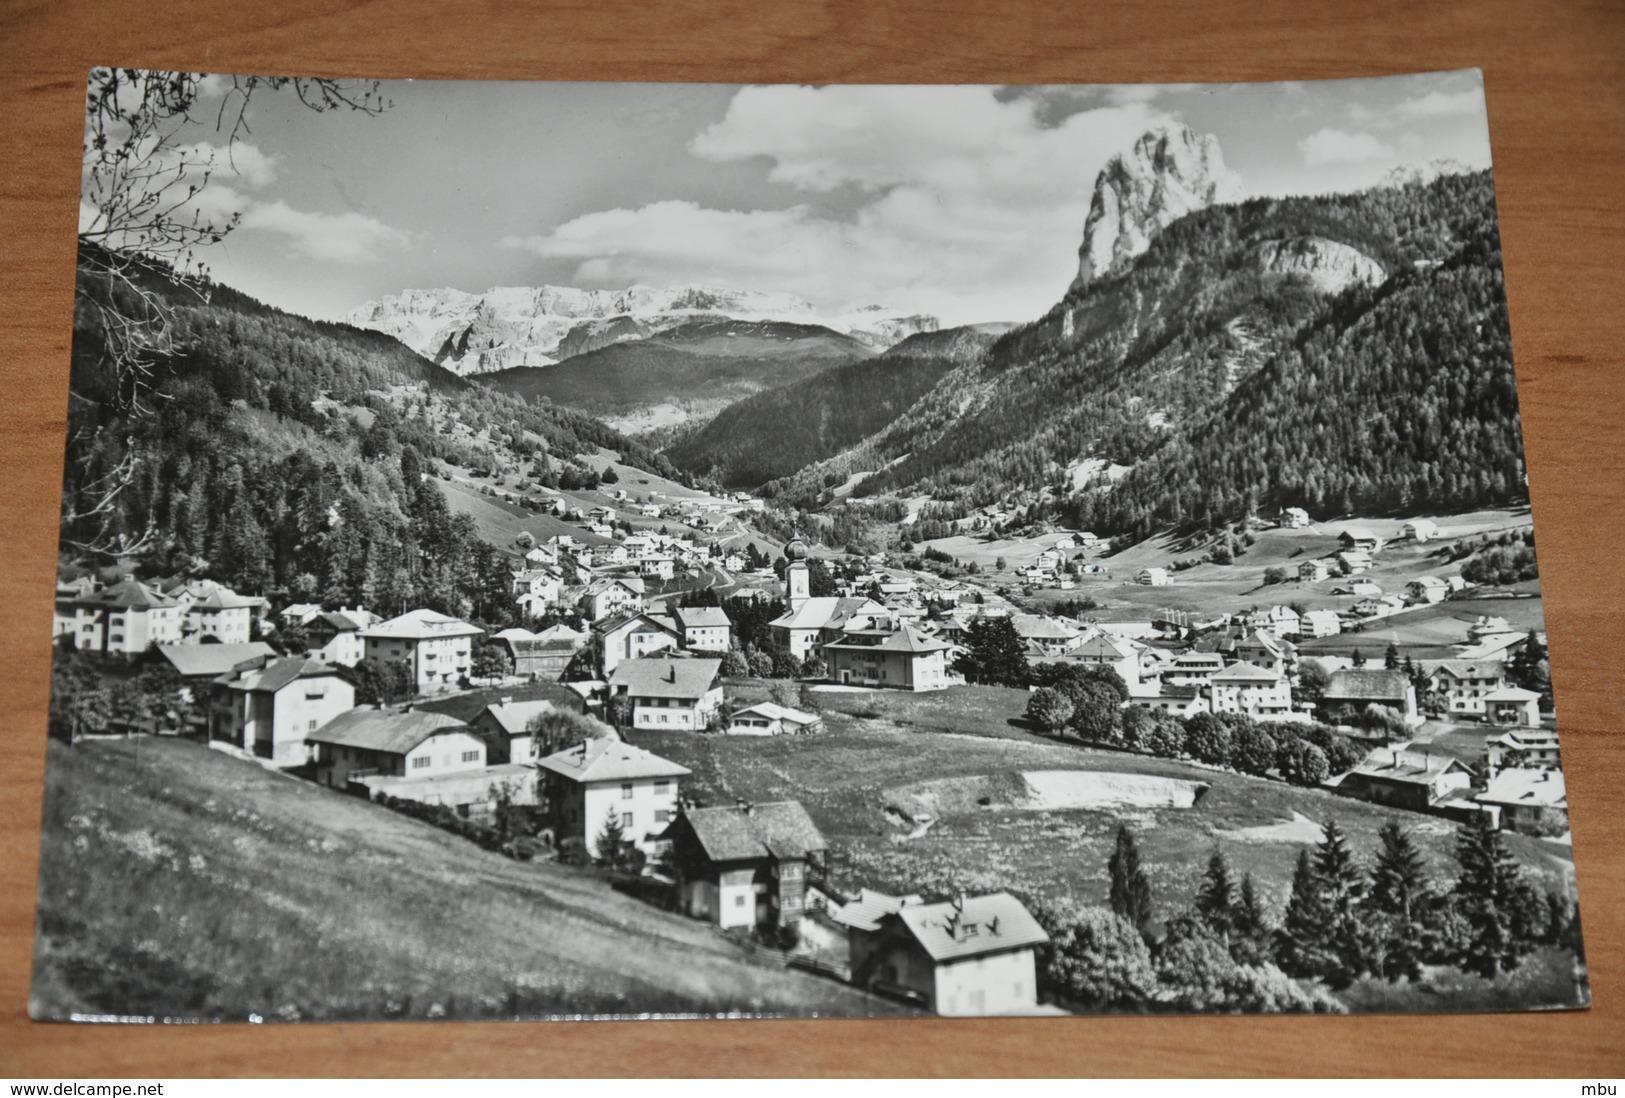 847  Ortisei  Val Gardena - Bolzano (Bozen)